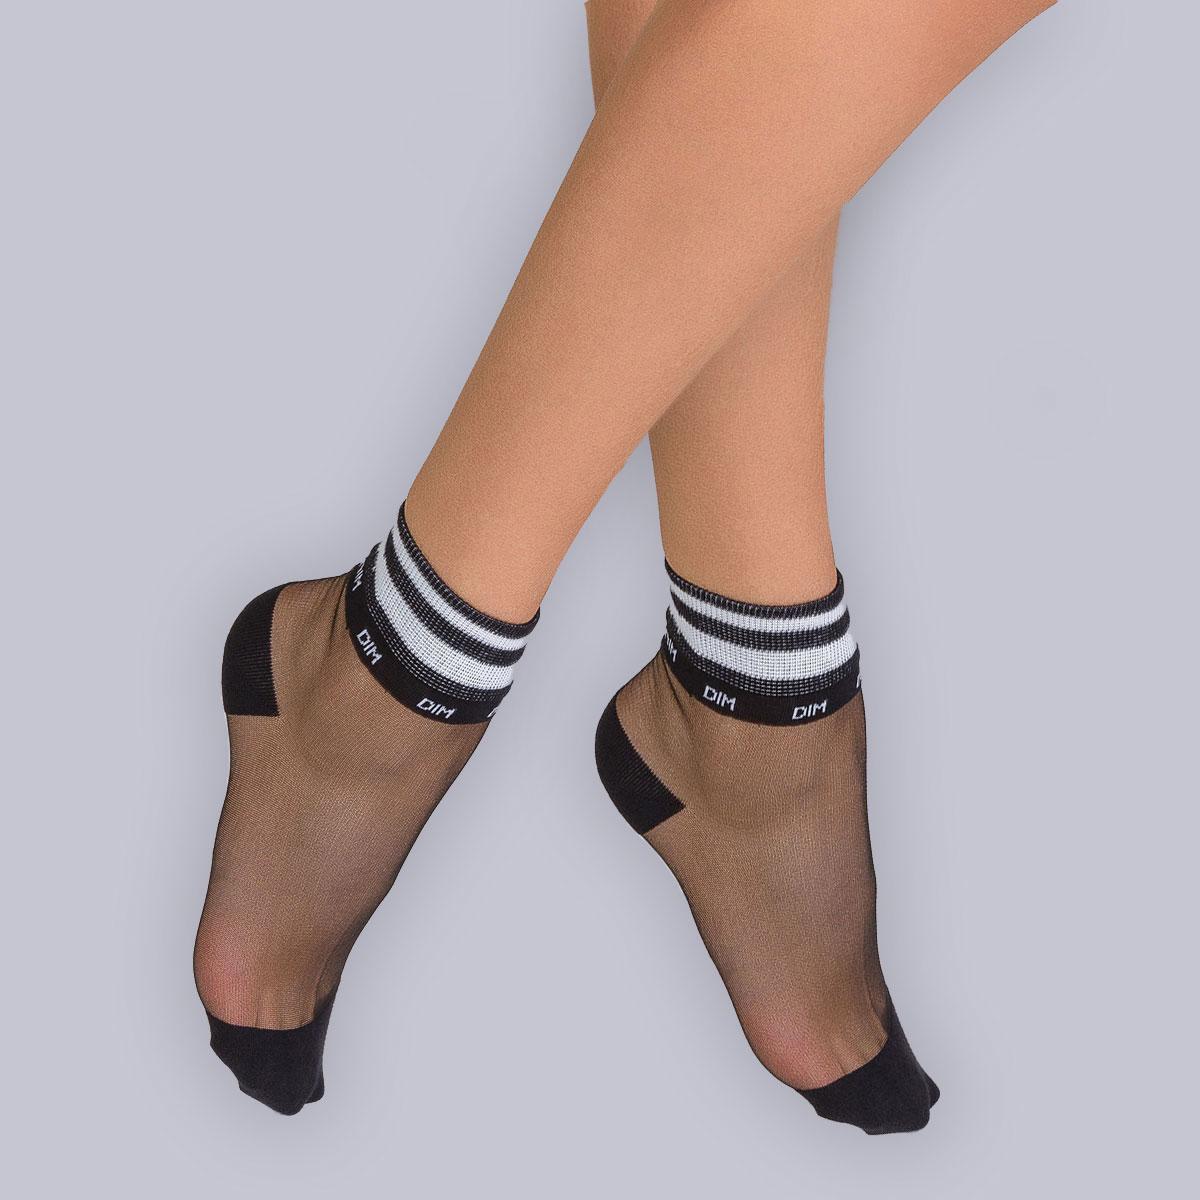 Lot de 2 socquettes Sport Chic noir Femme Style